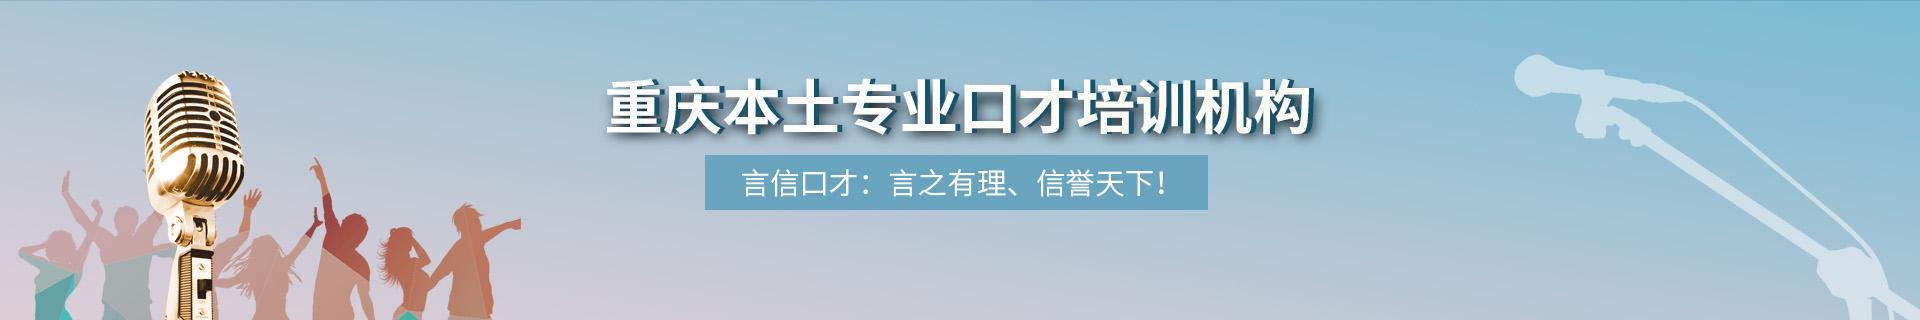 重庆江北区言信口才培训机构